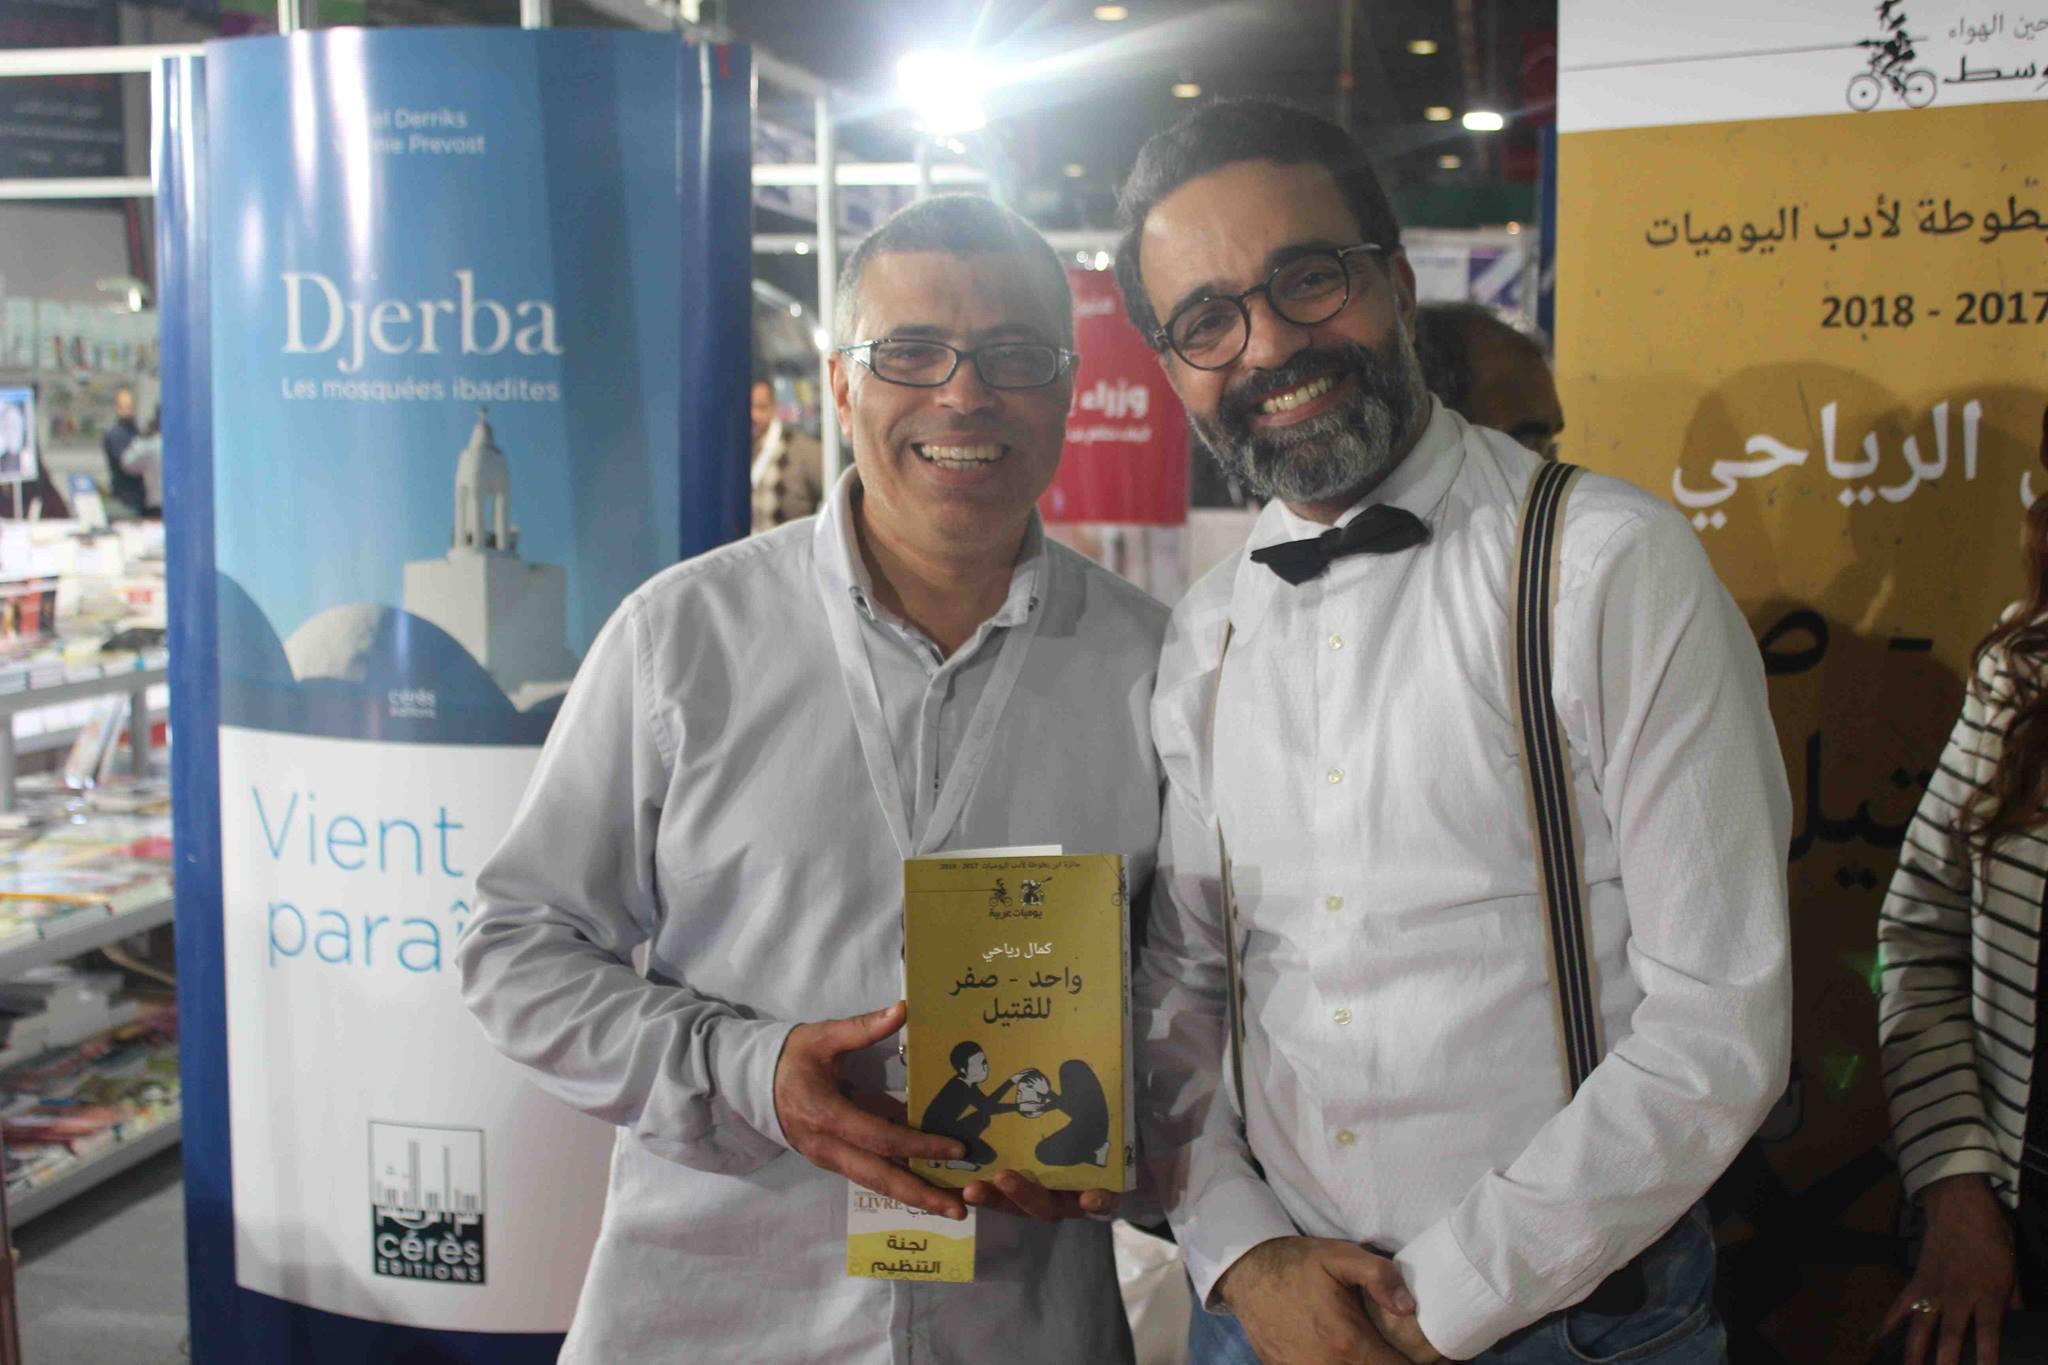 كمال الرياحى يوقع كتابه واحد صفر للقتيل الفائز بجائزة ابن بطوطة فى معرض تونس (29)